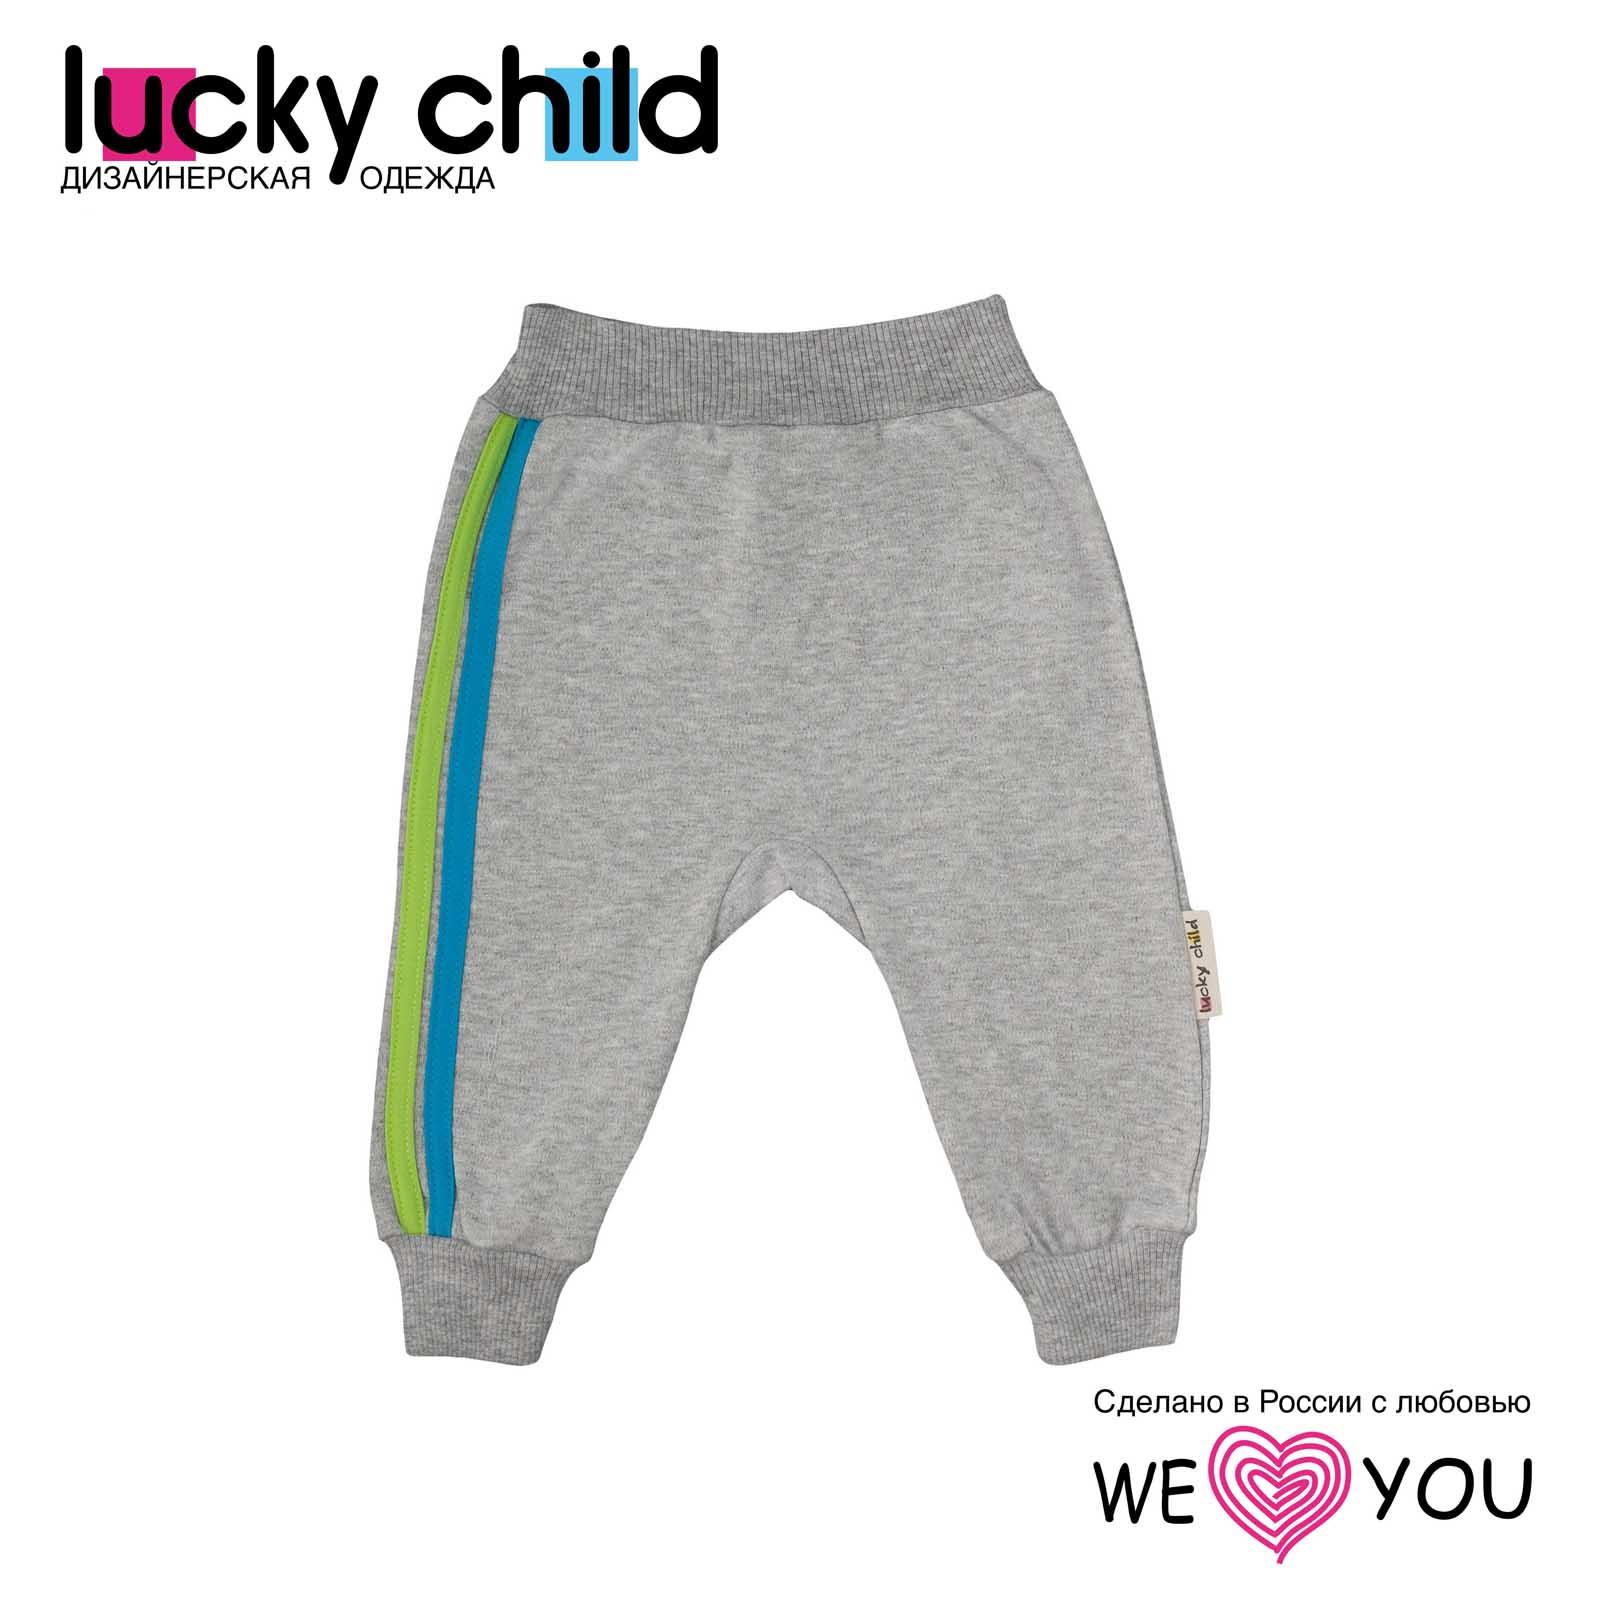 Штанишки Lucky Child, коллекция Спортивная линия, для мальчика размер 68<br>